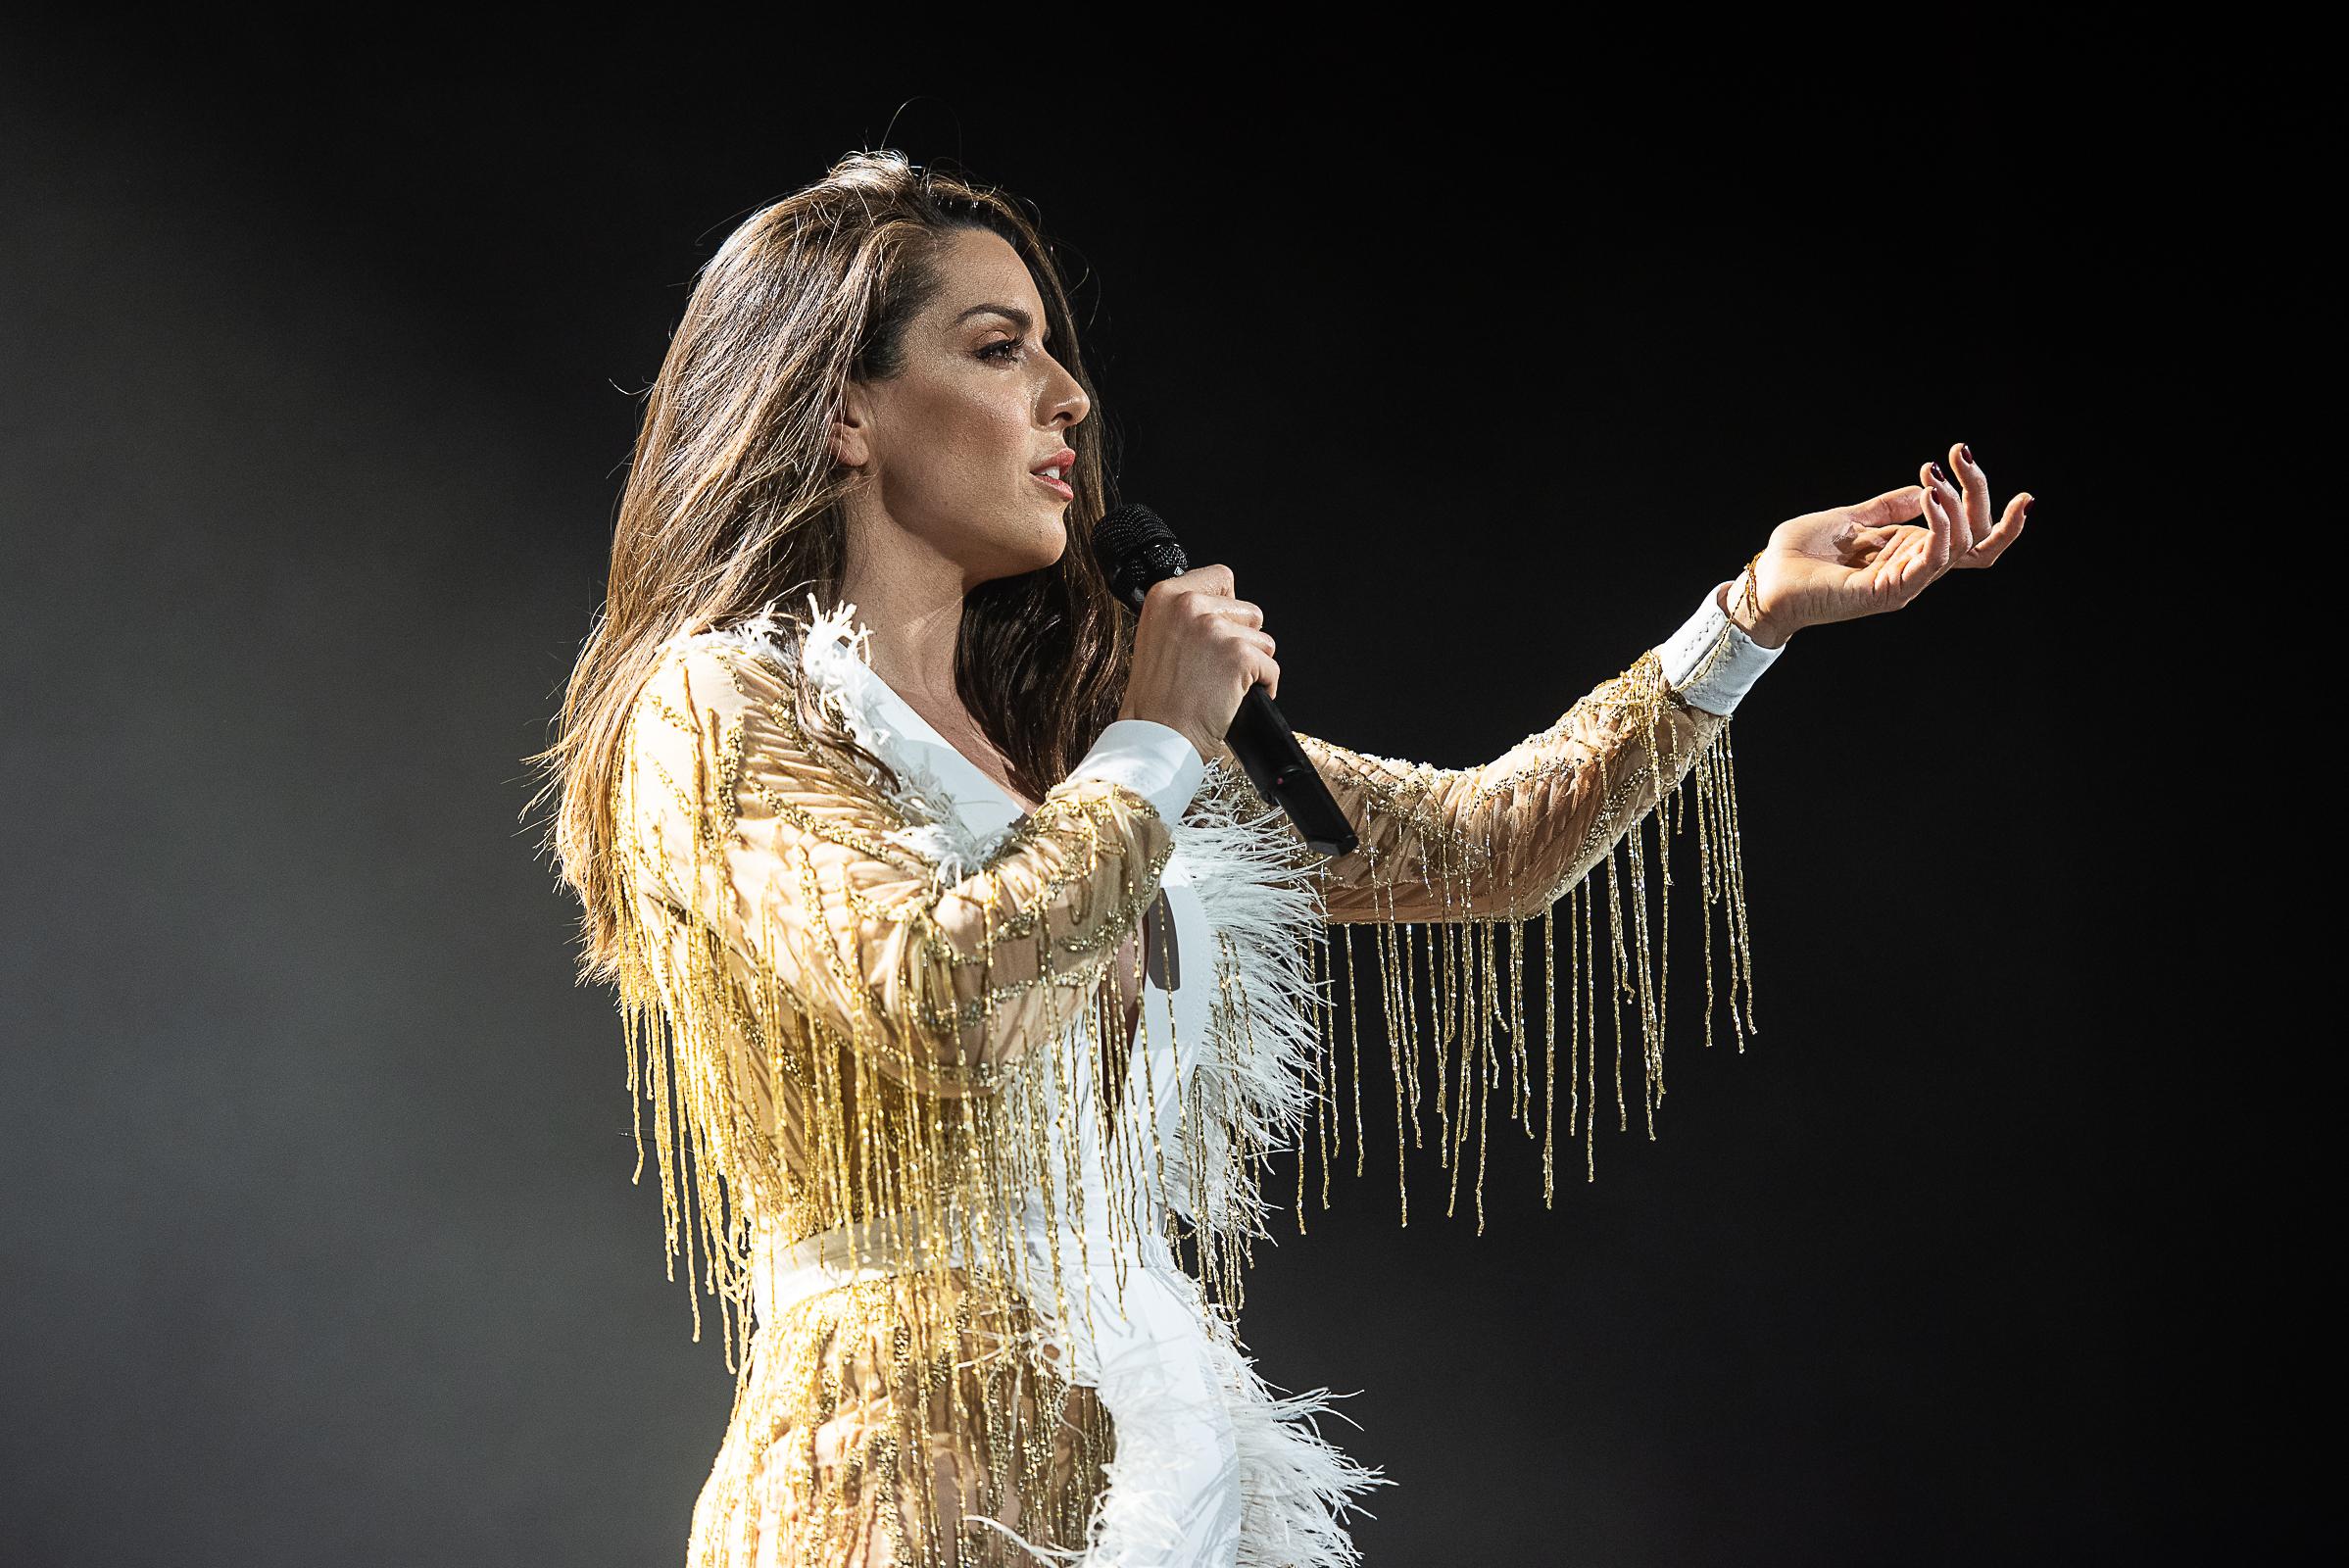 CRÓNICA | Ruth Lorenzo, nuestra estrella del paseo de la fama